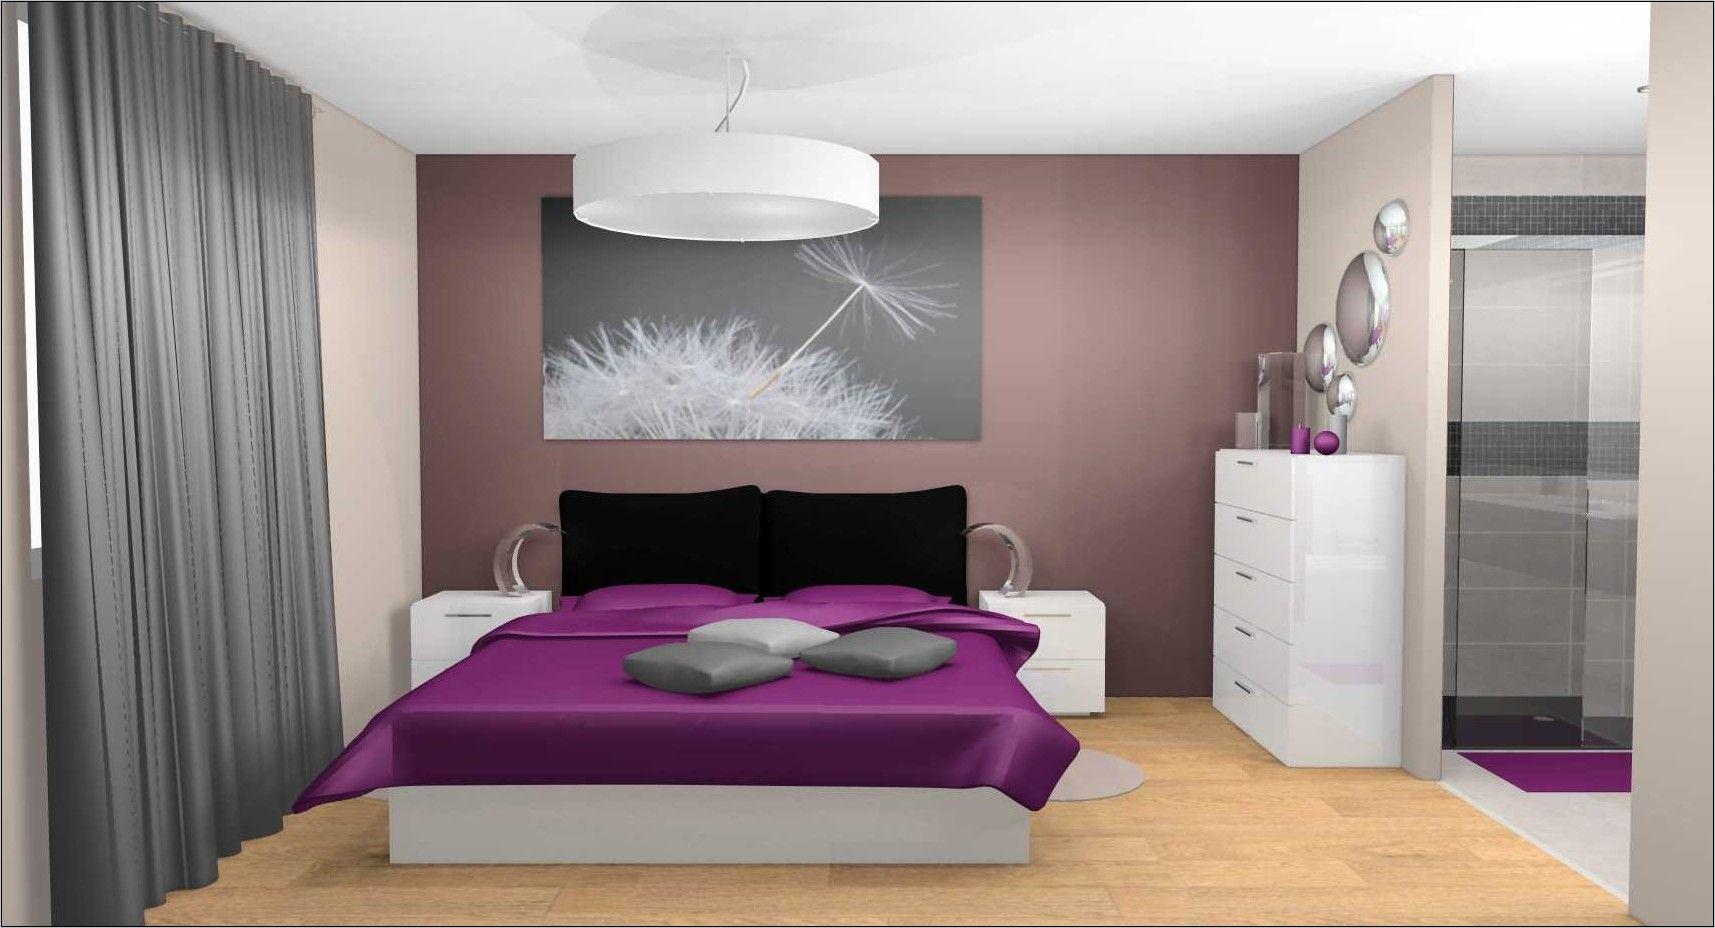 Épinglé par Josee Plante sur Chambre en 19  Deco chambre grise